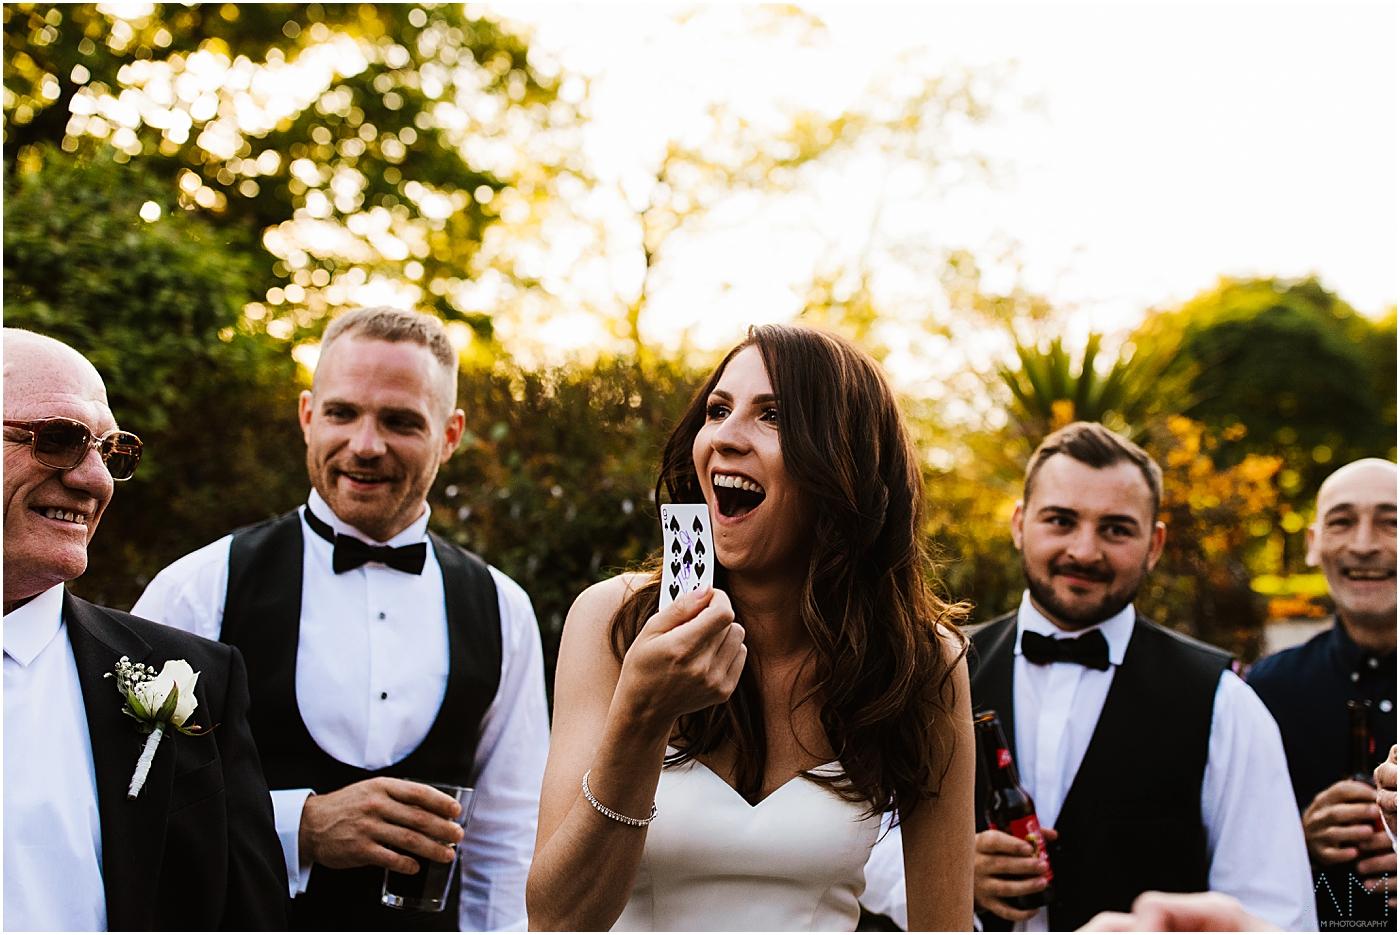 shocked bride during magic tricks